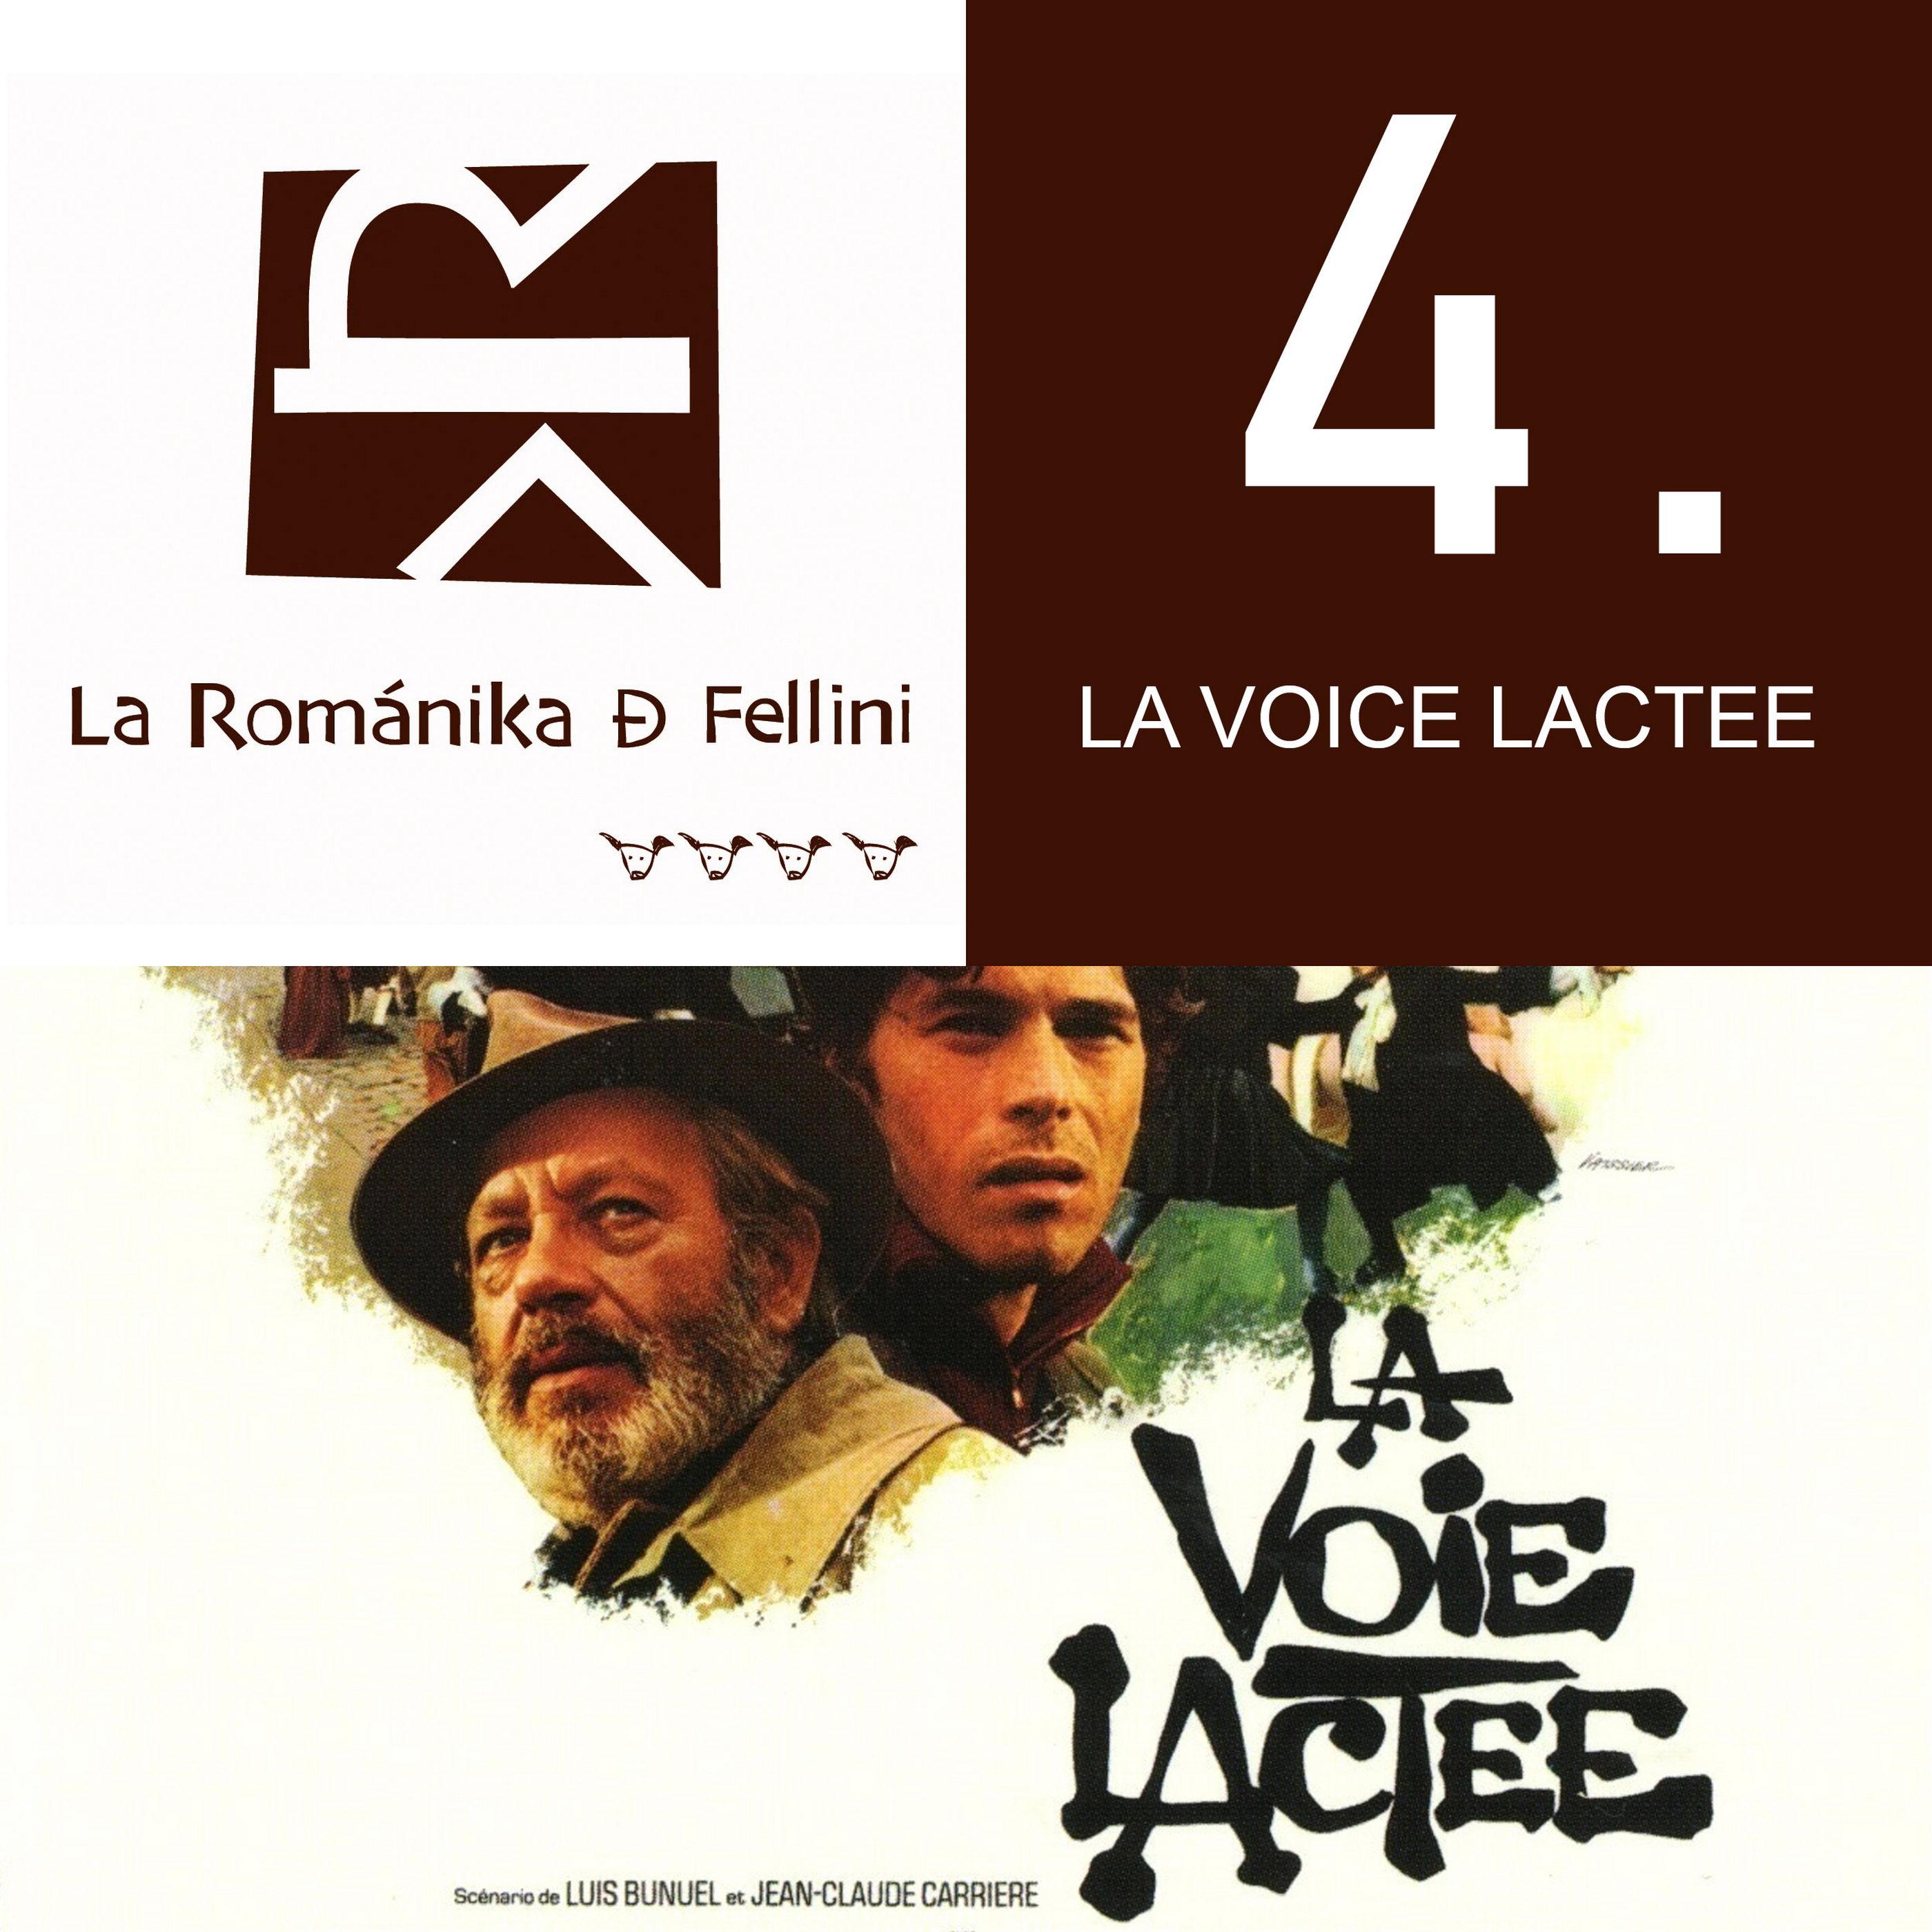 APARTAMENTO4-LA VOIE LACTEE-LaRomanikadeFellini-01